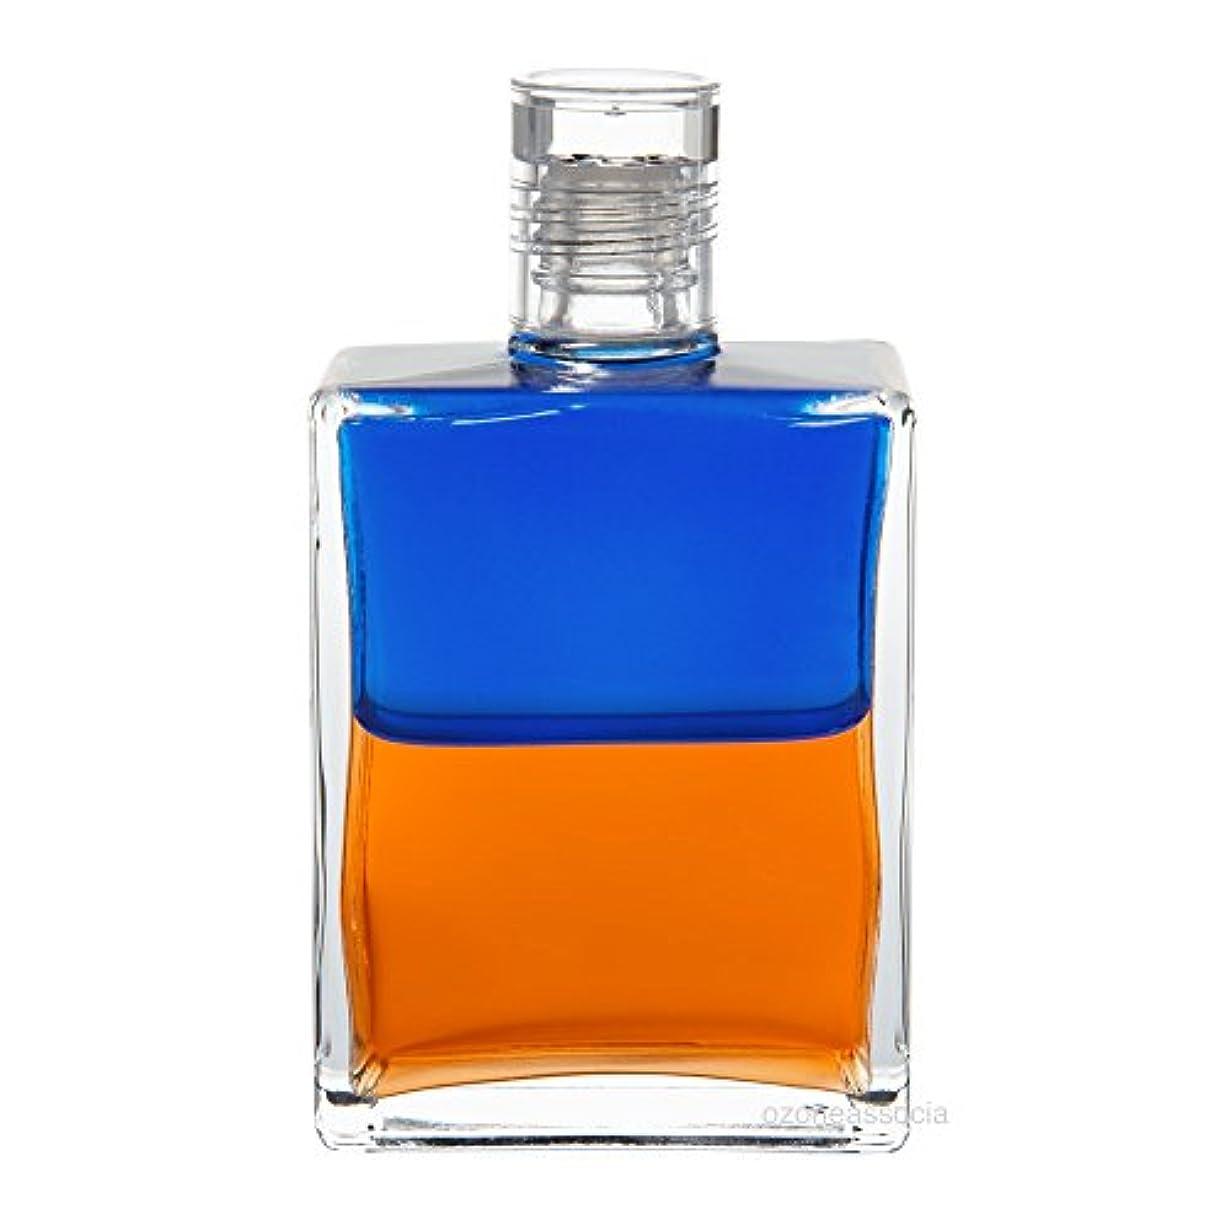 外交官ロール哺乳類オーラソーマ ボトル 72番  クラウン/ピエロ (ブルー/オレンジ) イクイリブリアムボトル50ml Aurasoma